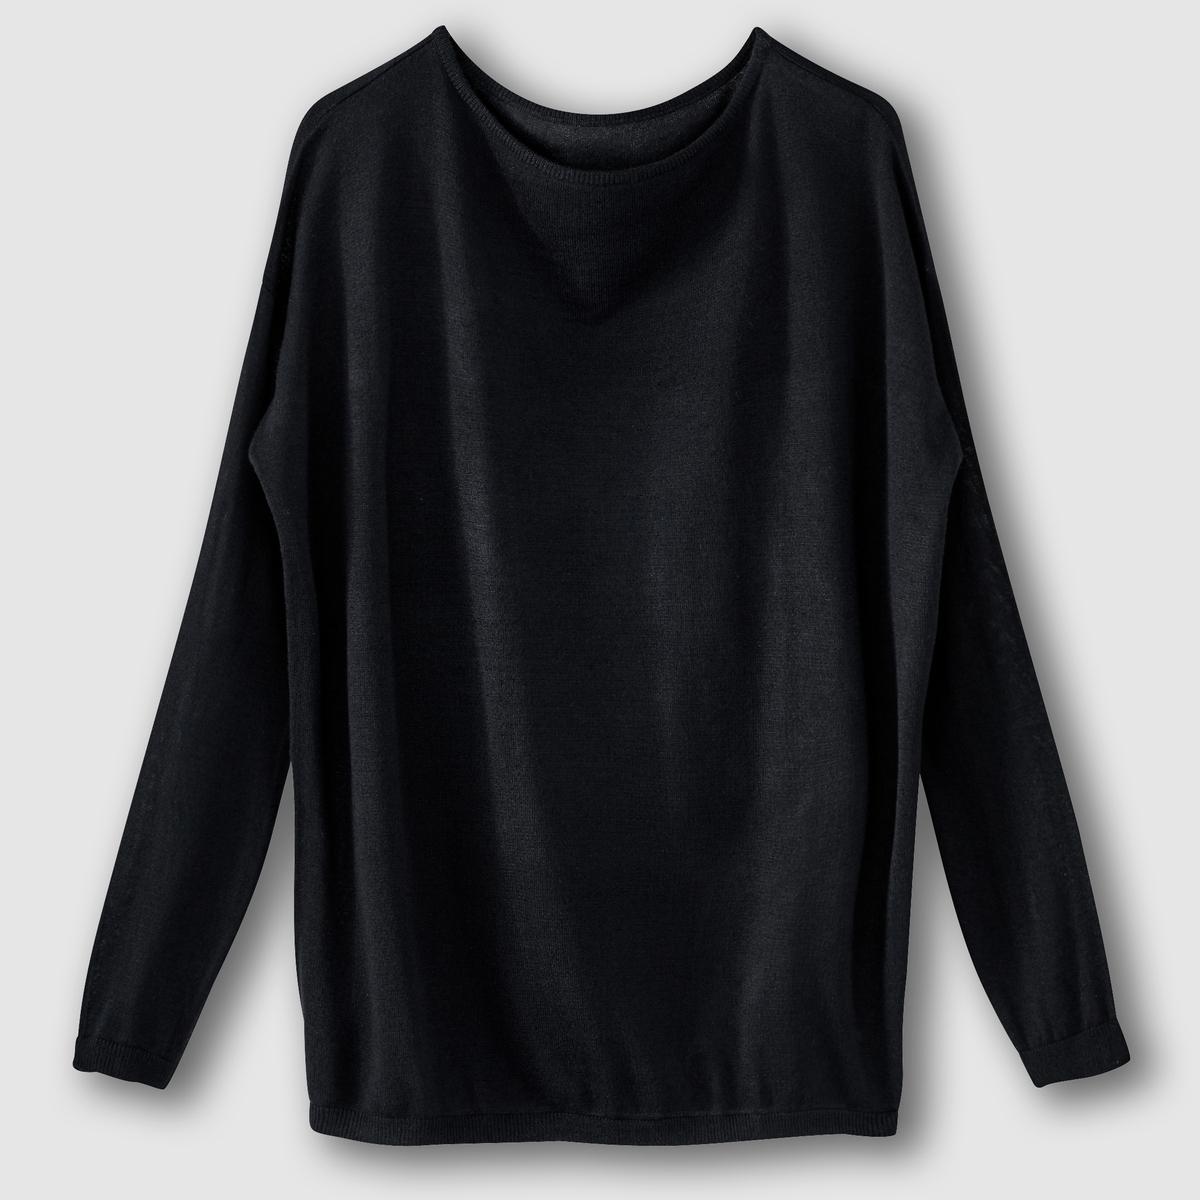 Пуловер свободного покроя из тонкого струящегося трикотажаСостав и описание :Материал : 100% акрилДлина : 64 смМарка : R EditionУход :Машинная стирка при 30 °С с вещами схожих цветов.<br><br>Цвет: серый меланж,синий морской,фуксия,черный<br>Размер: 38/40 (FR) - 44/46 (RUS).38/40 (FR) - 44/46 (RUS)